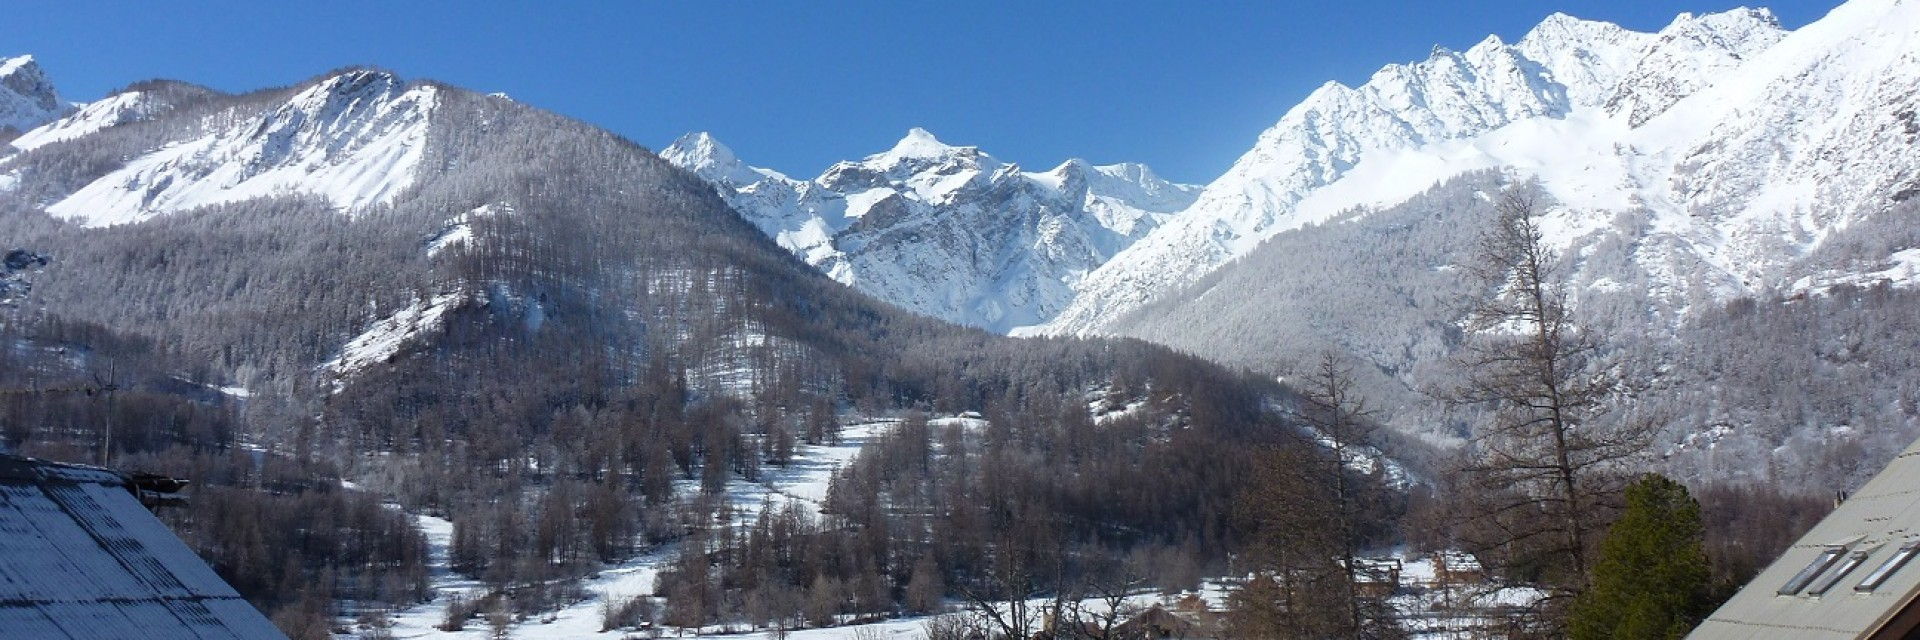 vue sur les montagnes location appartement serre-chevalier 1500 le monetier les bains meublé vacances confort terrasse vue montagnes